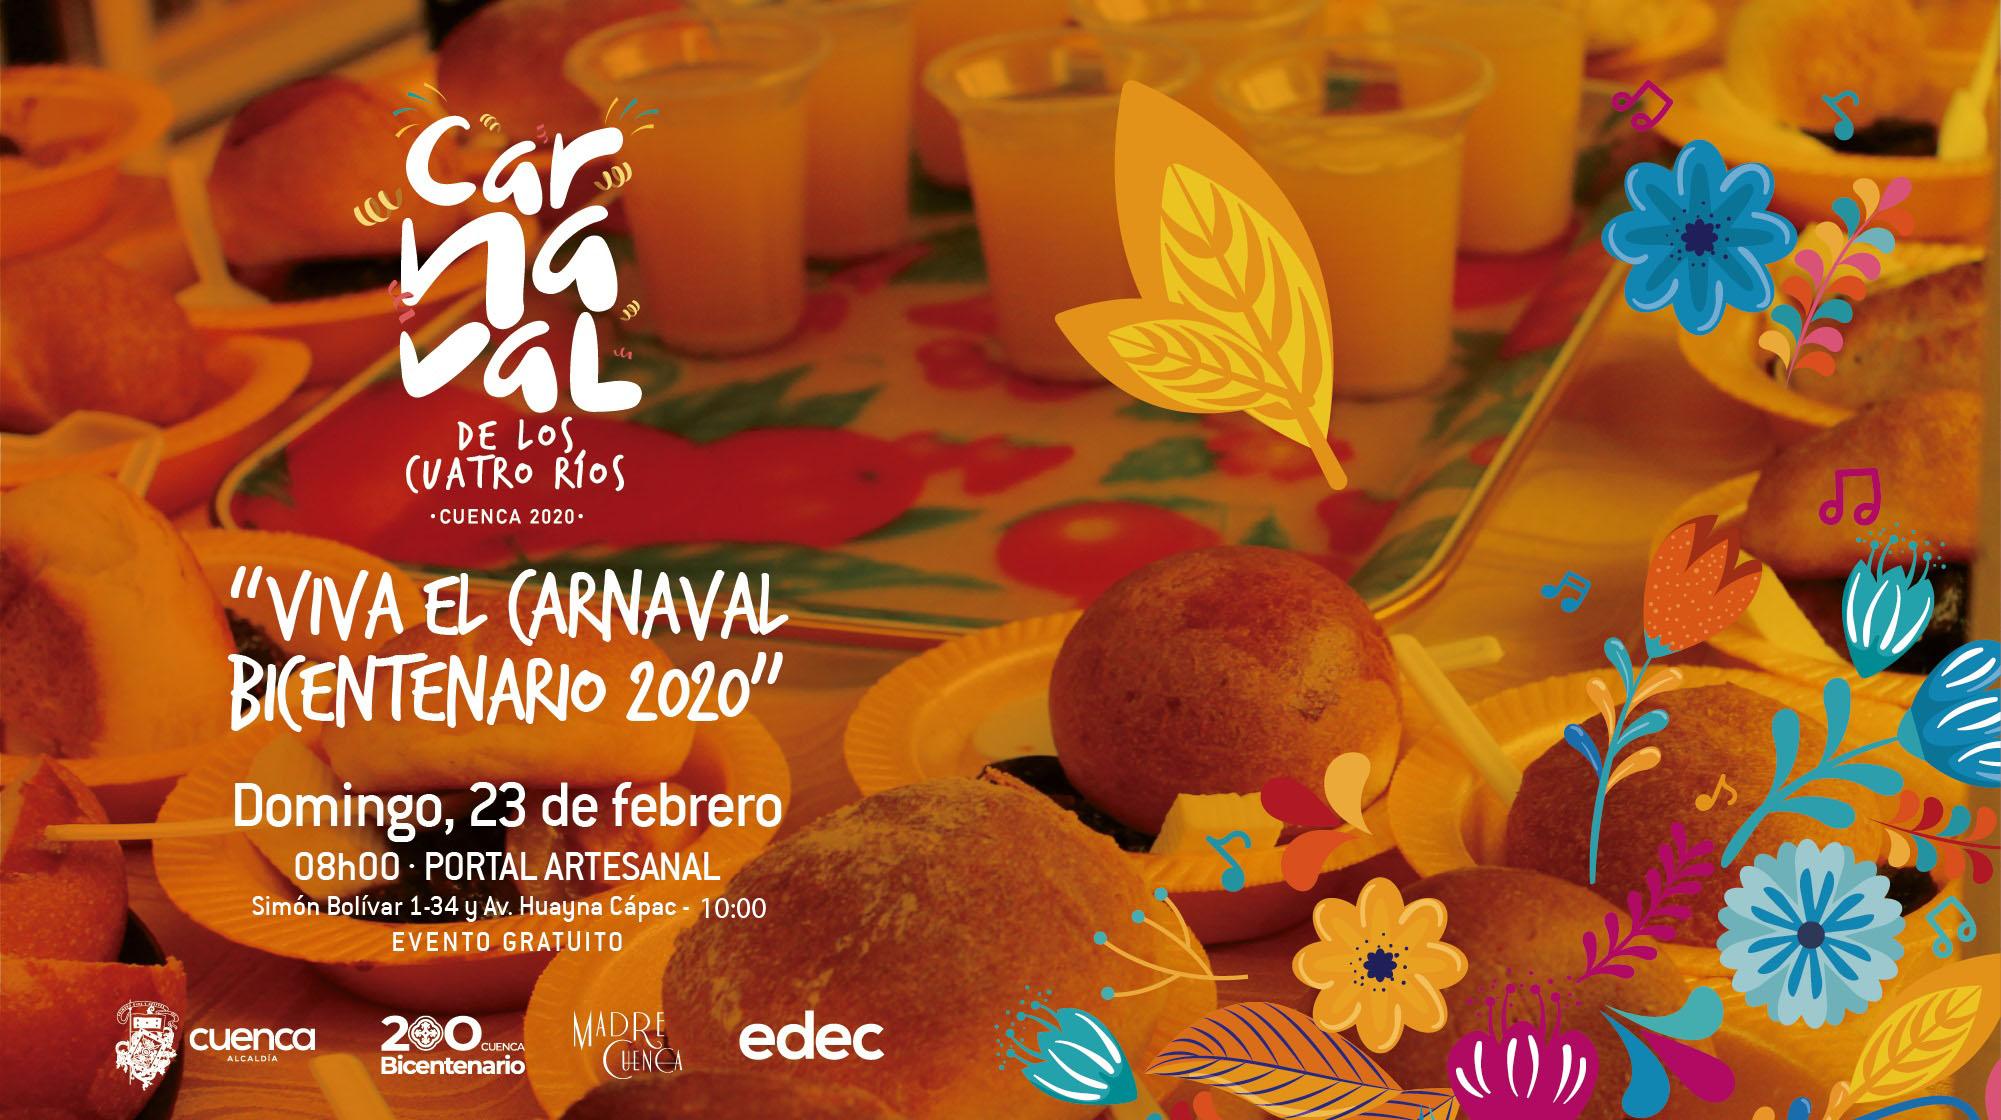 El Portal Artesanal ofrece música y delicias gastronómicas.